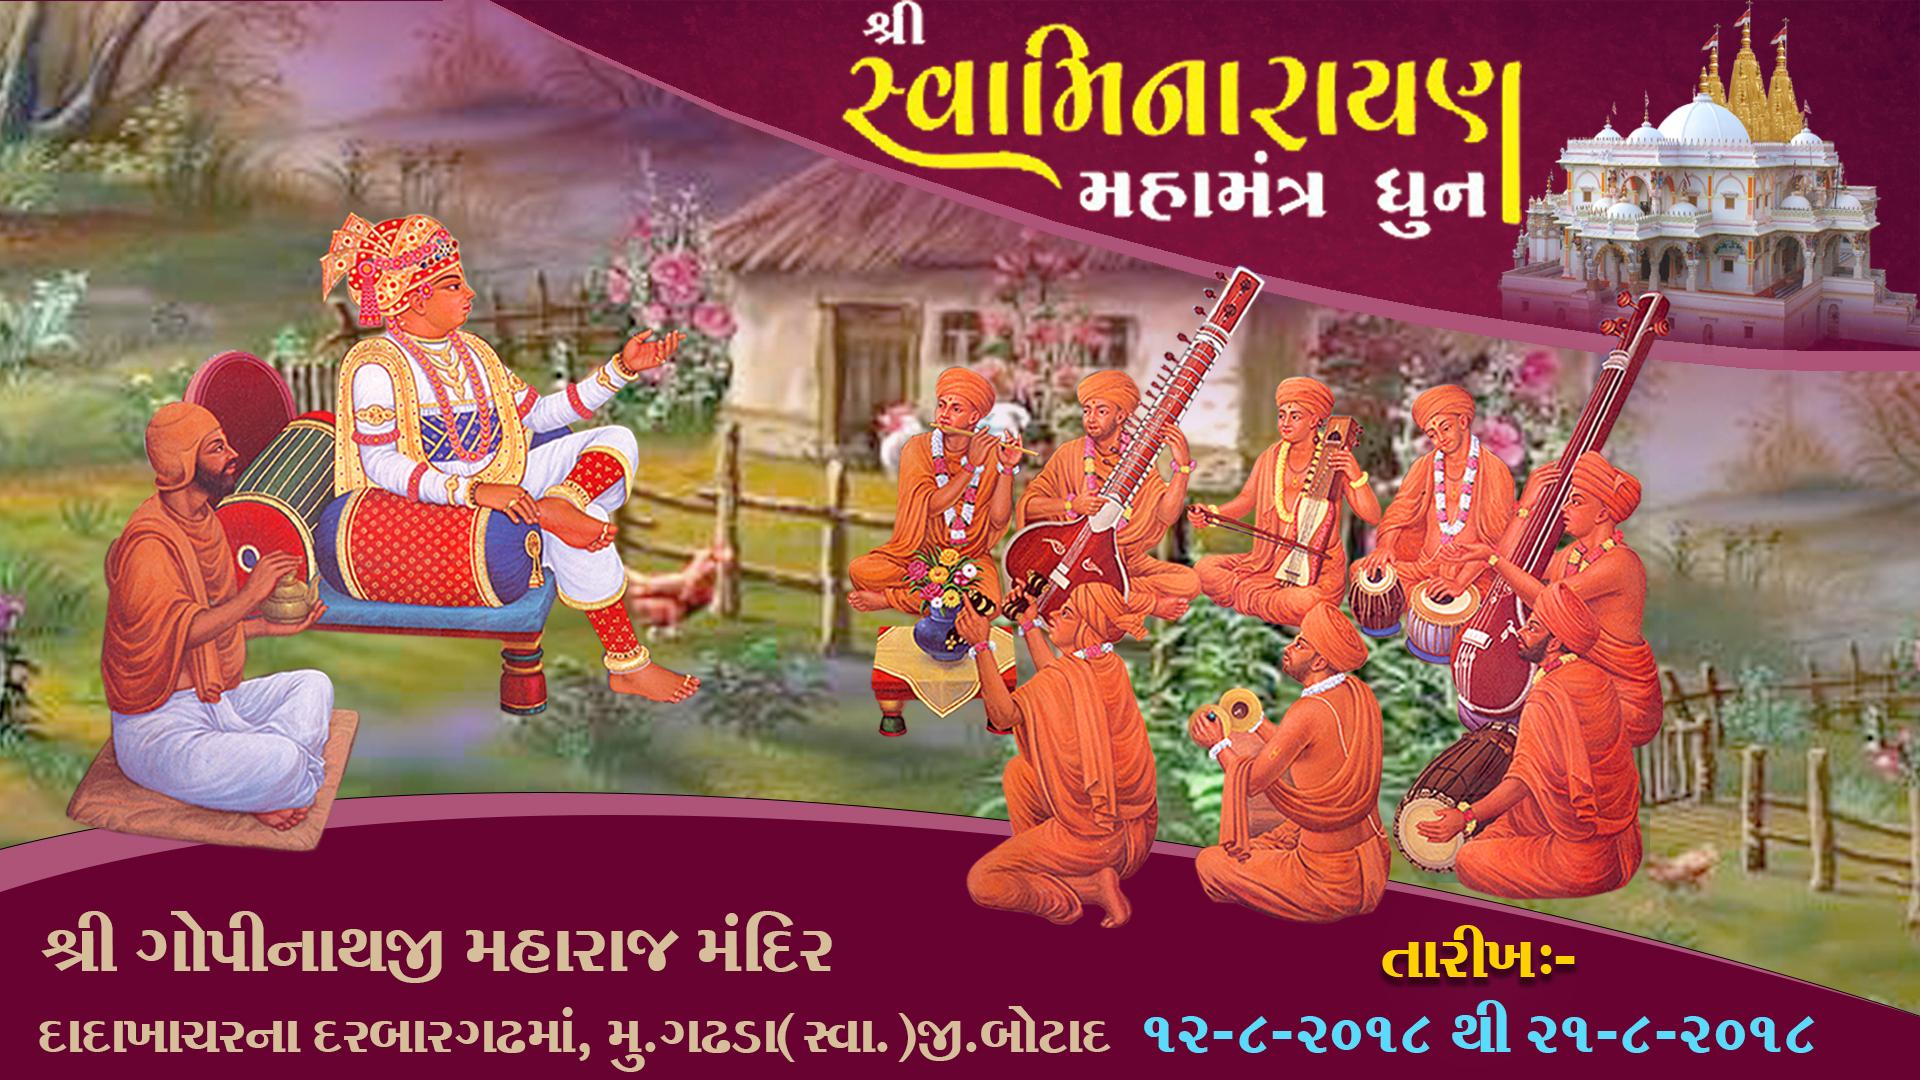 Ghadhpur Mahamantra Dhun